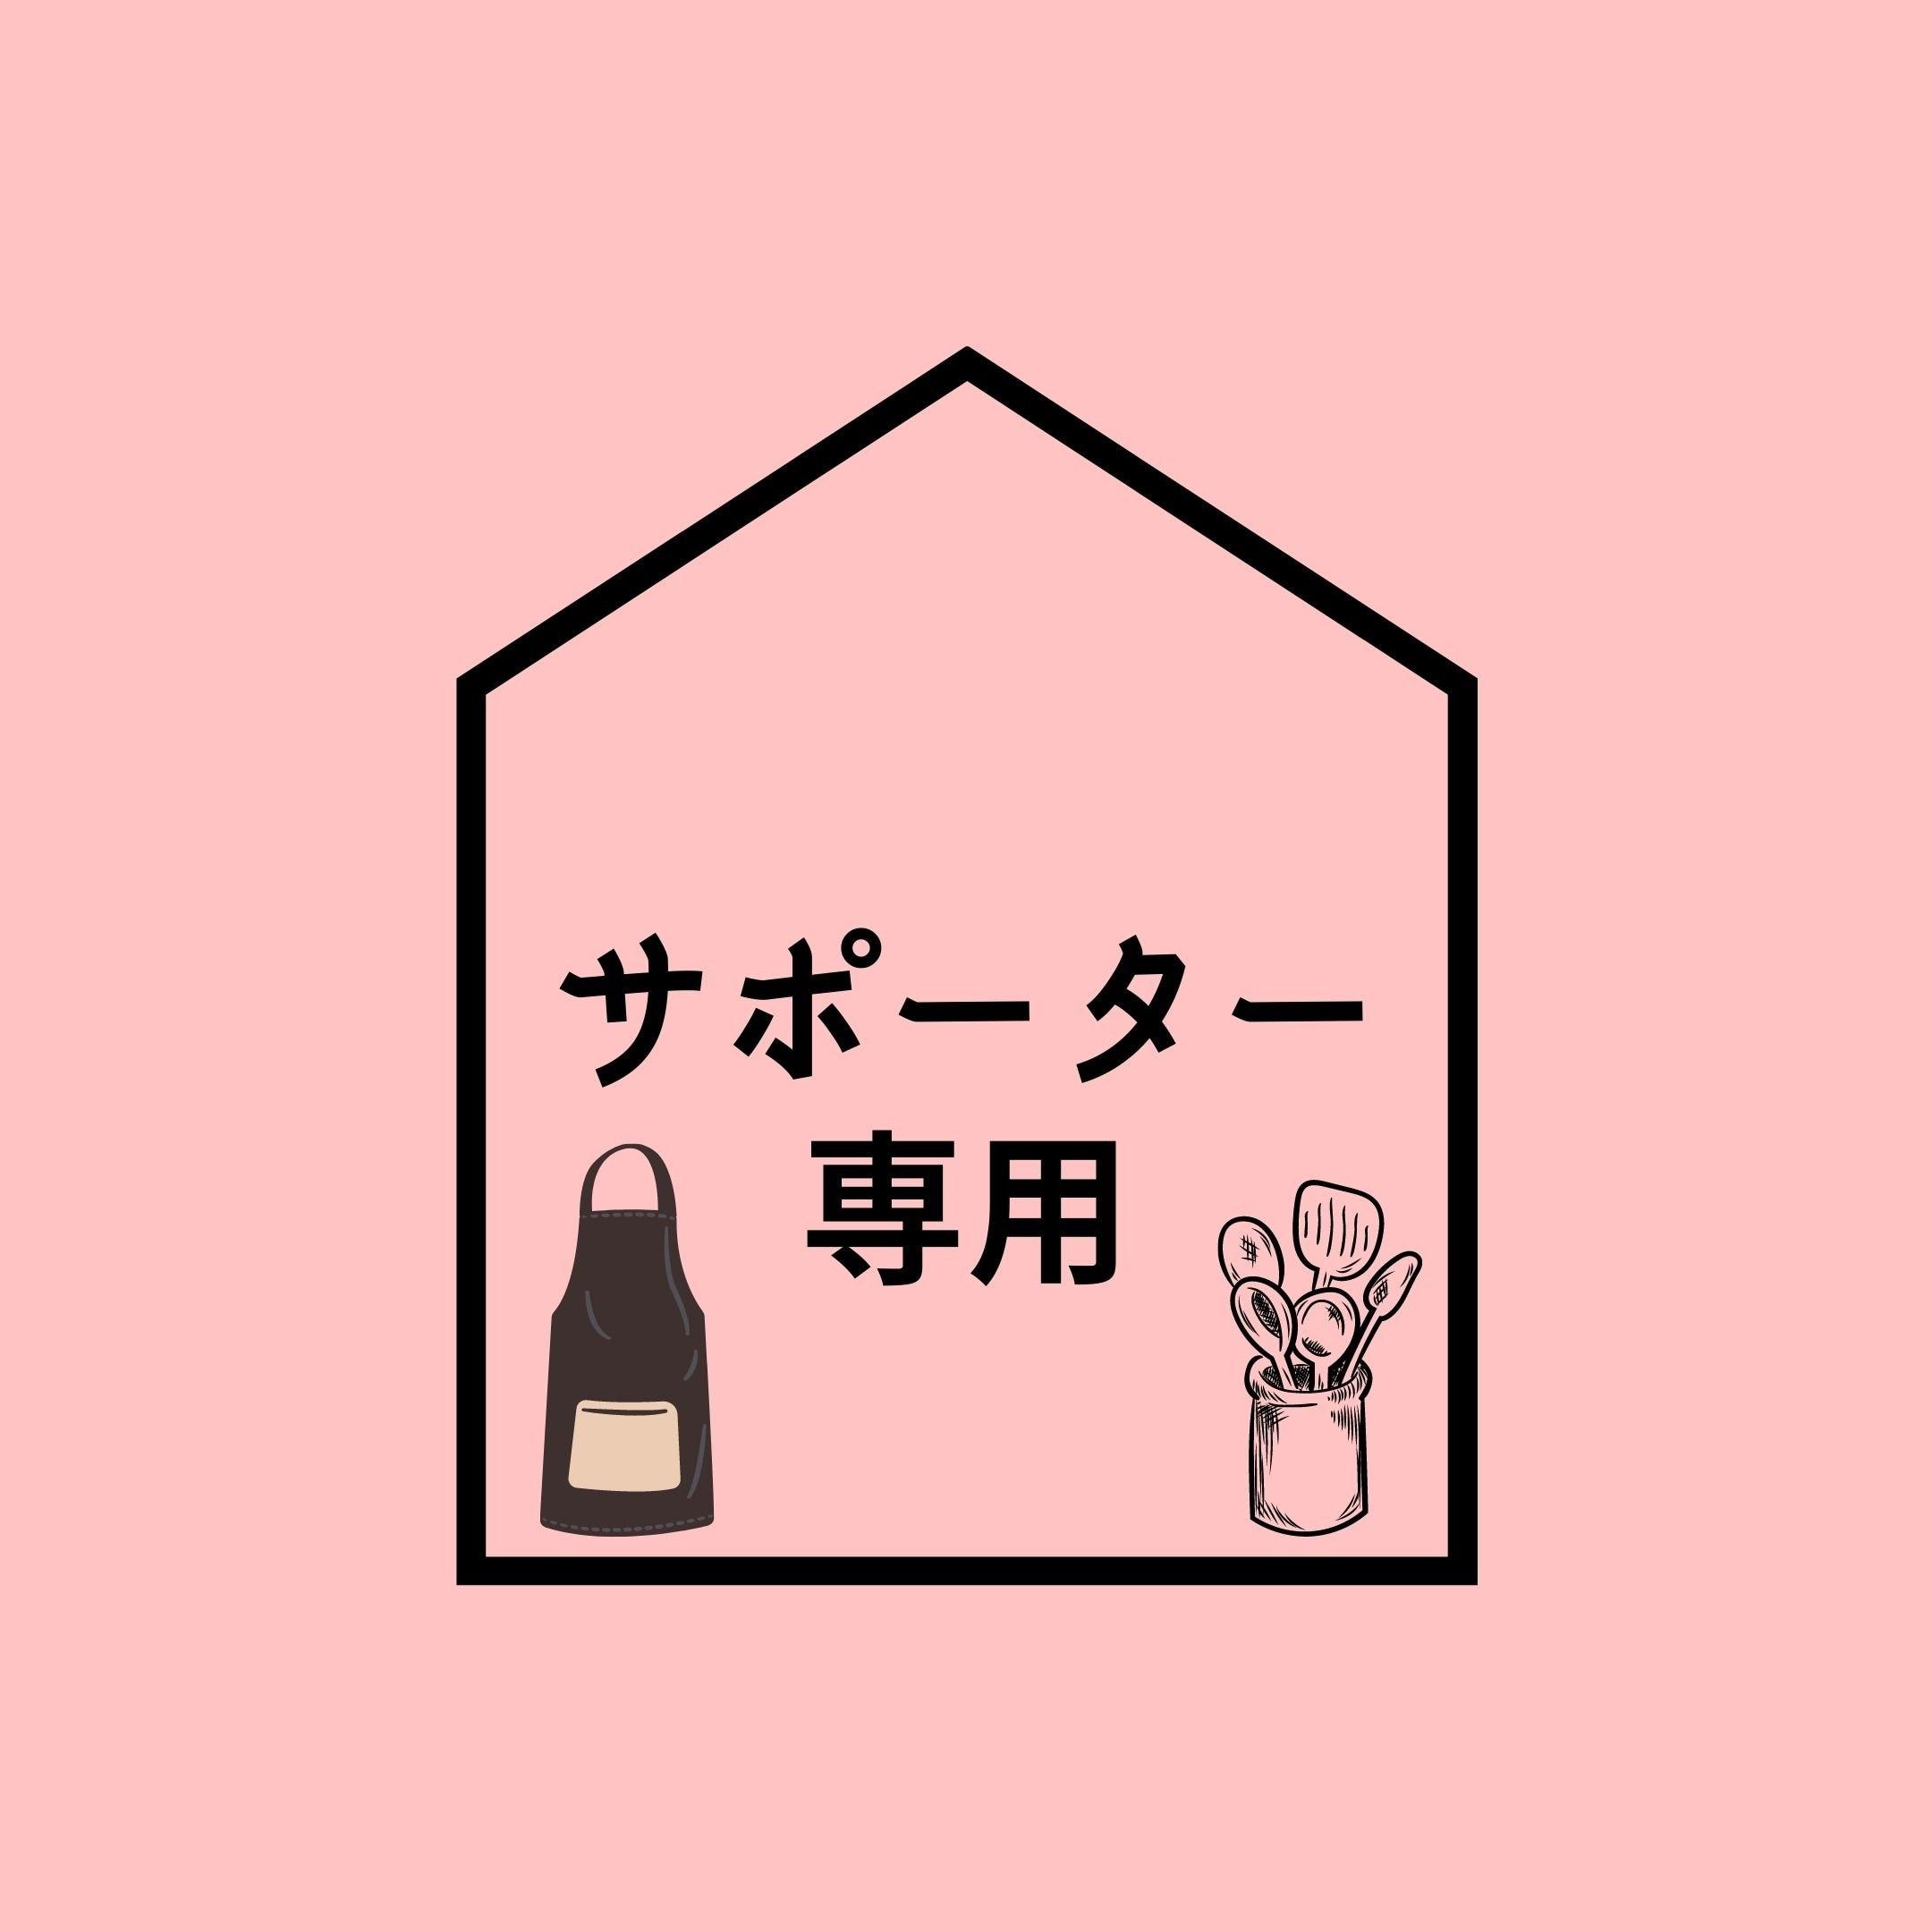 【サポーター専用】¥5400(込)のイメージその1